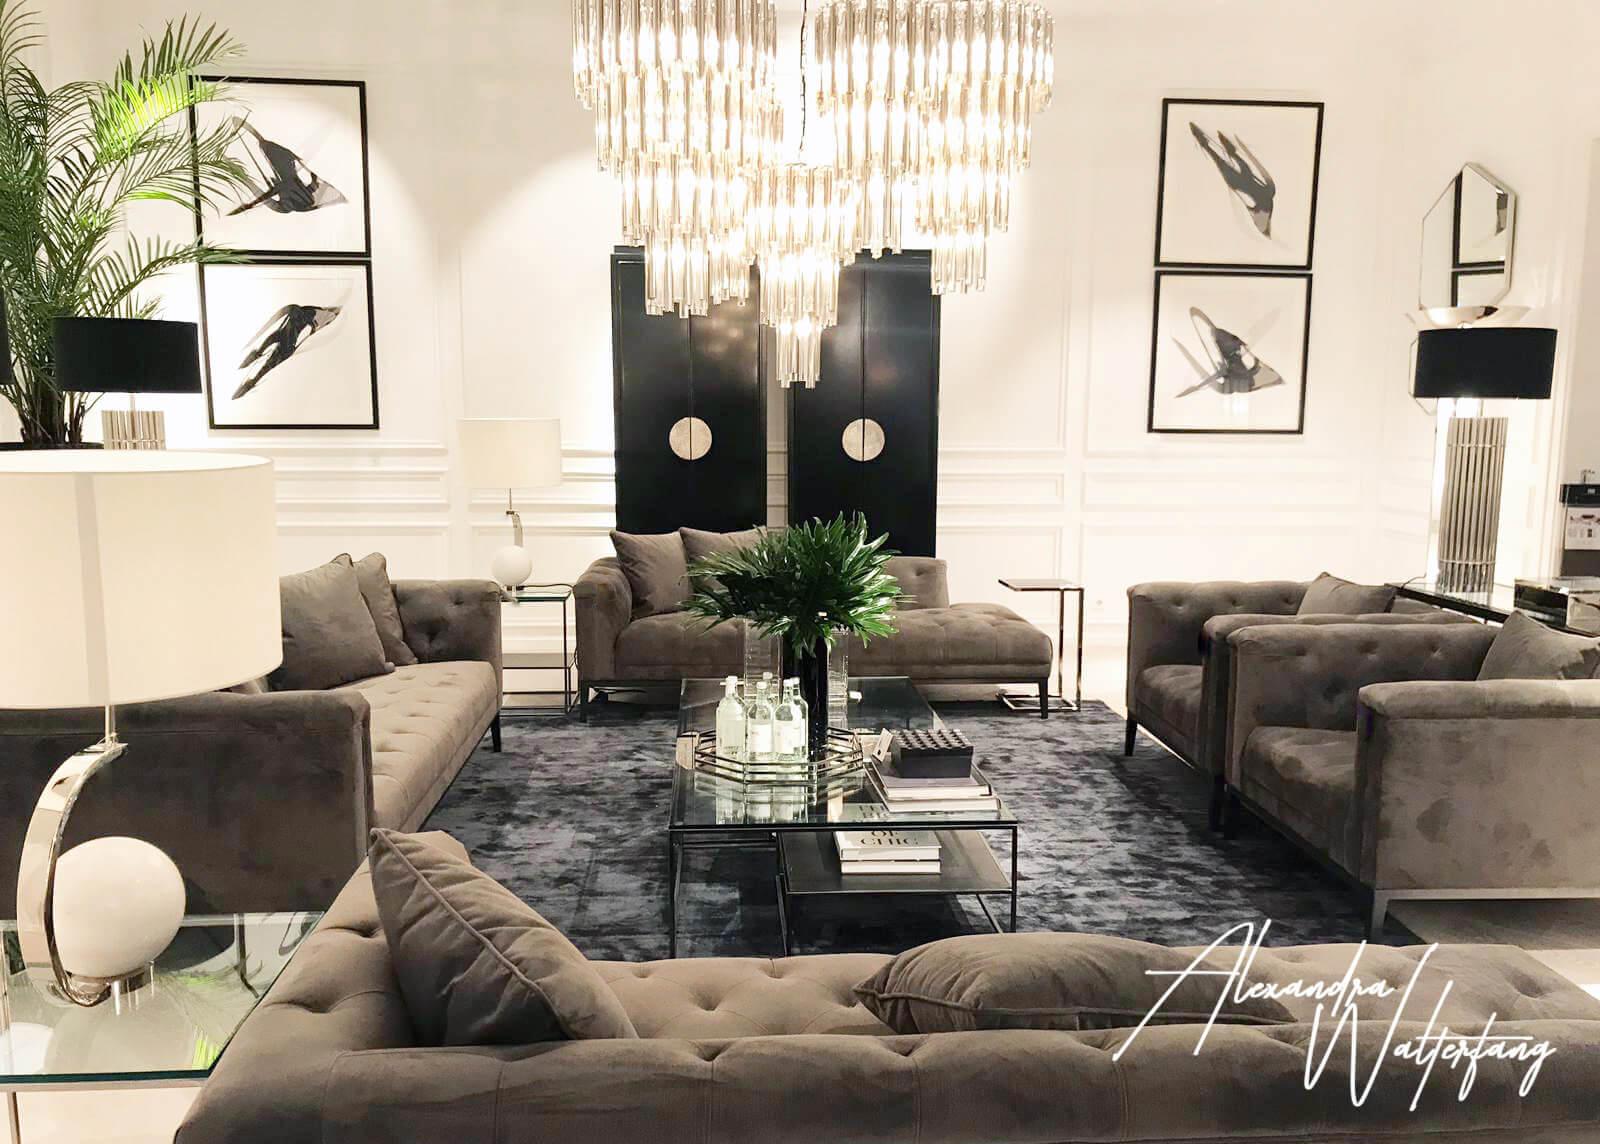 024.Bruma Immobilien Alexandra Walterfang Creative Home Design.jpg